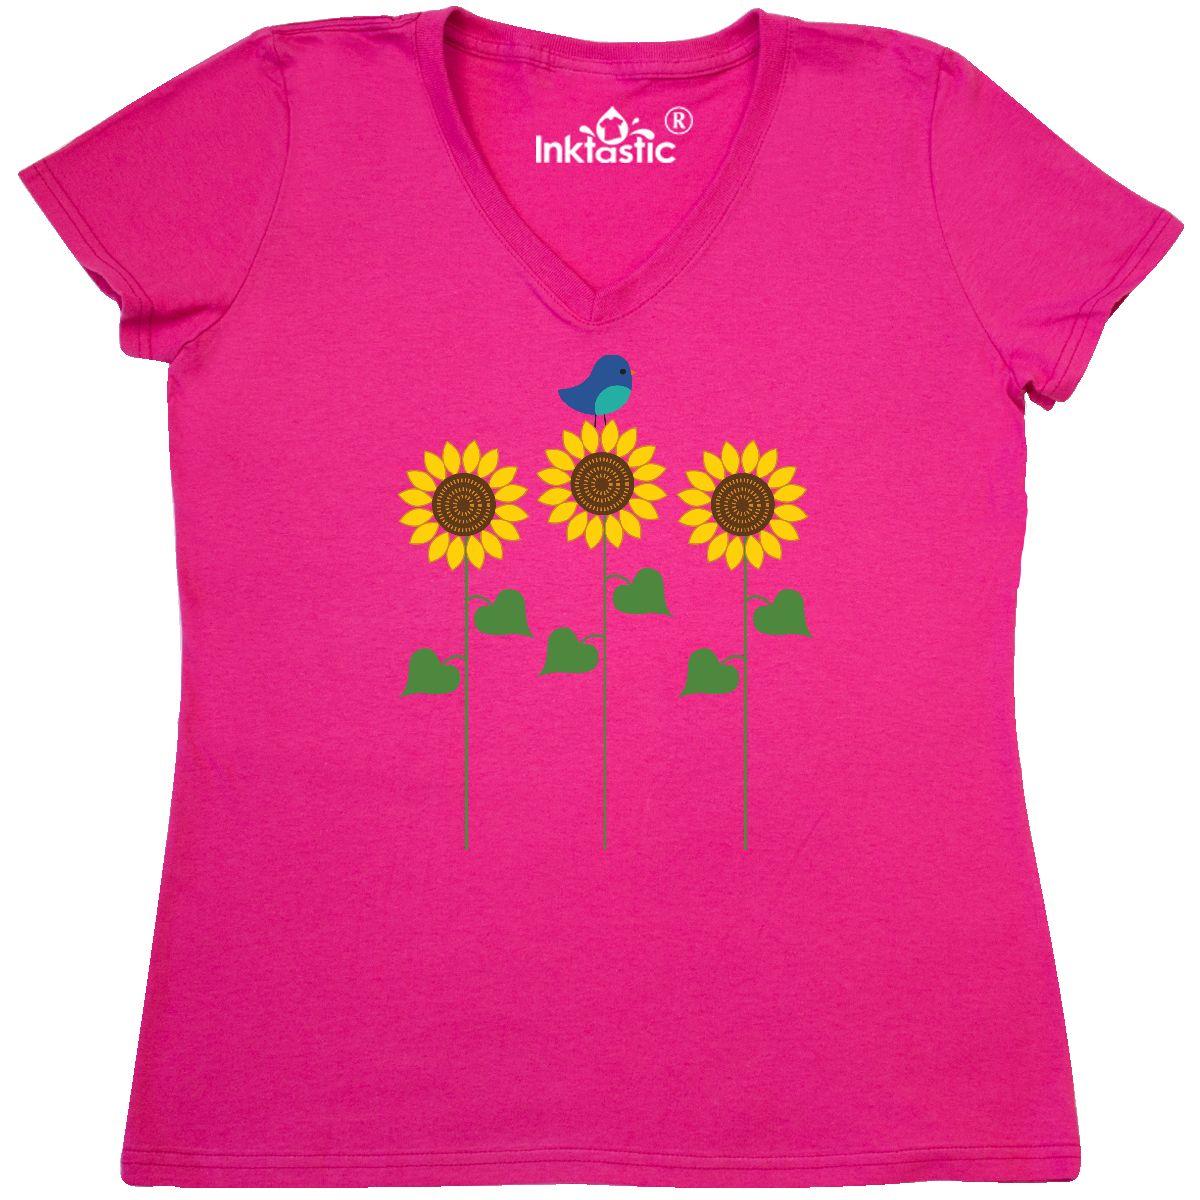 Inktastic-Sunflower-Garden-And-Bird-Women-039-s-V-Neck-T-Shirt-Gardening-Summer-Cute